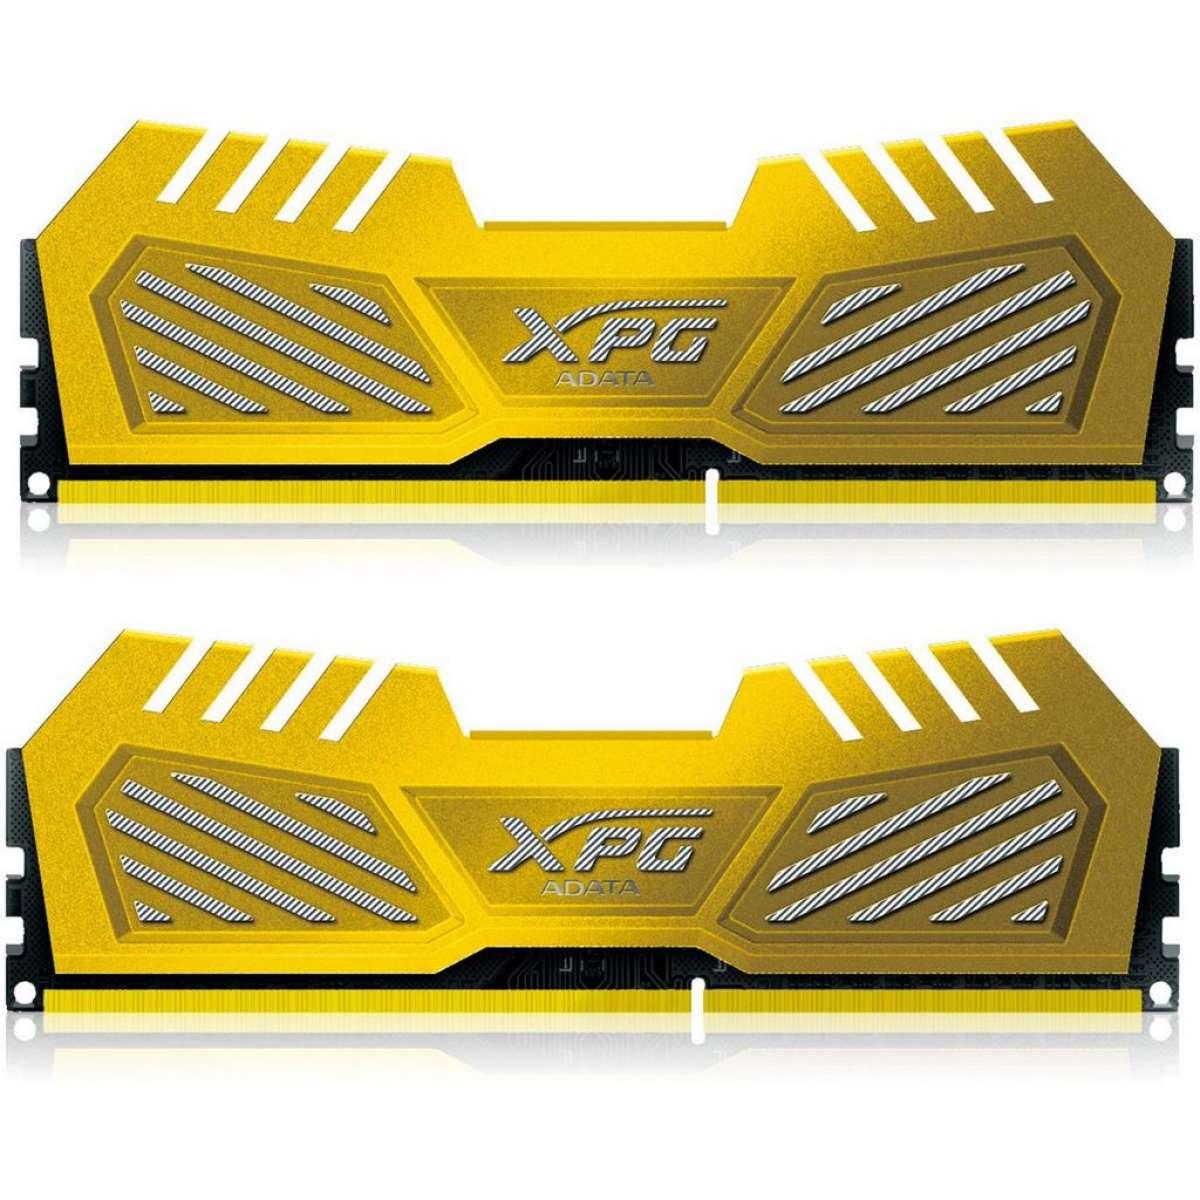 حافظه A.DATAXPGV2 2*8GB 2400MHZCL11